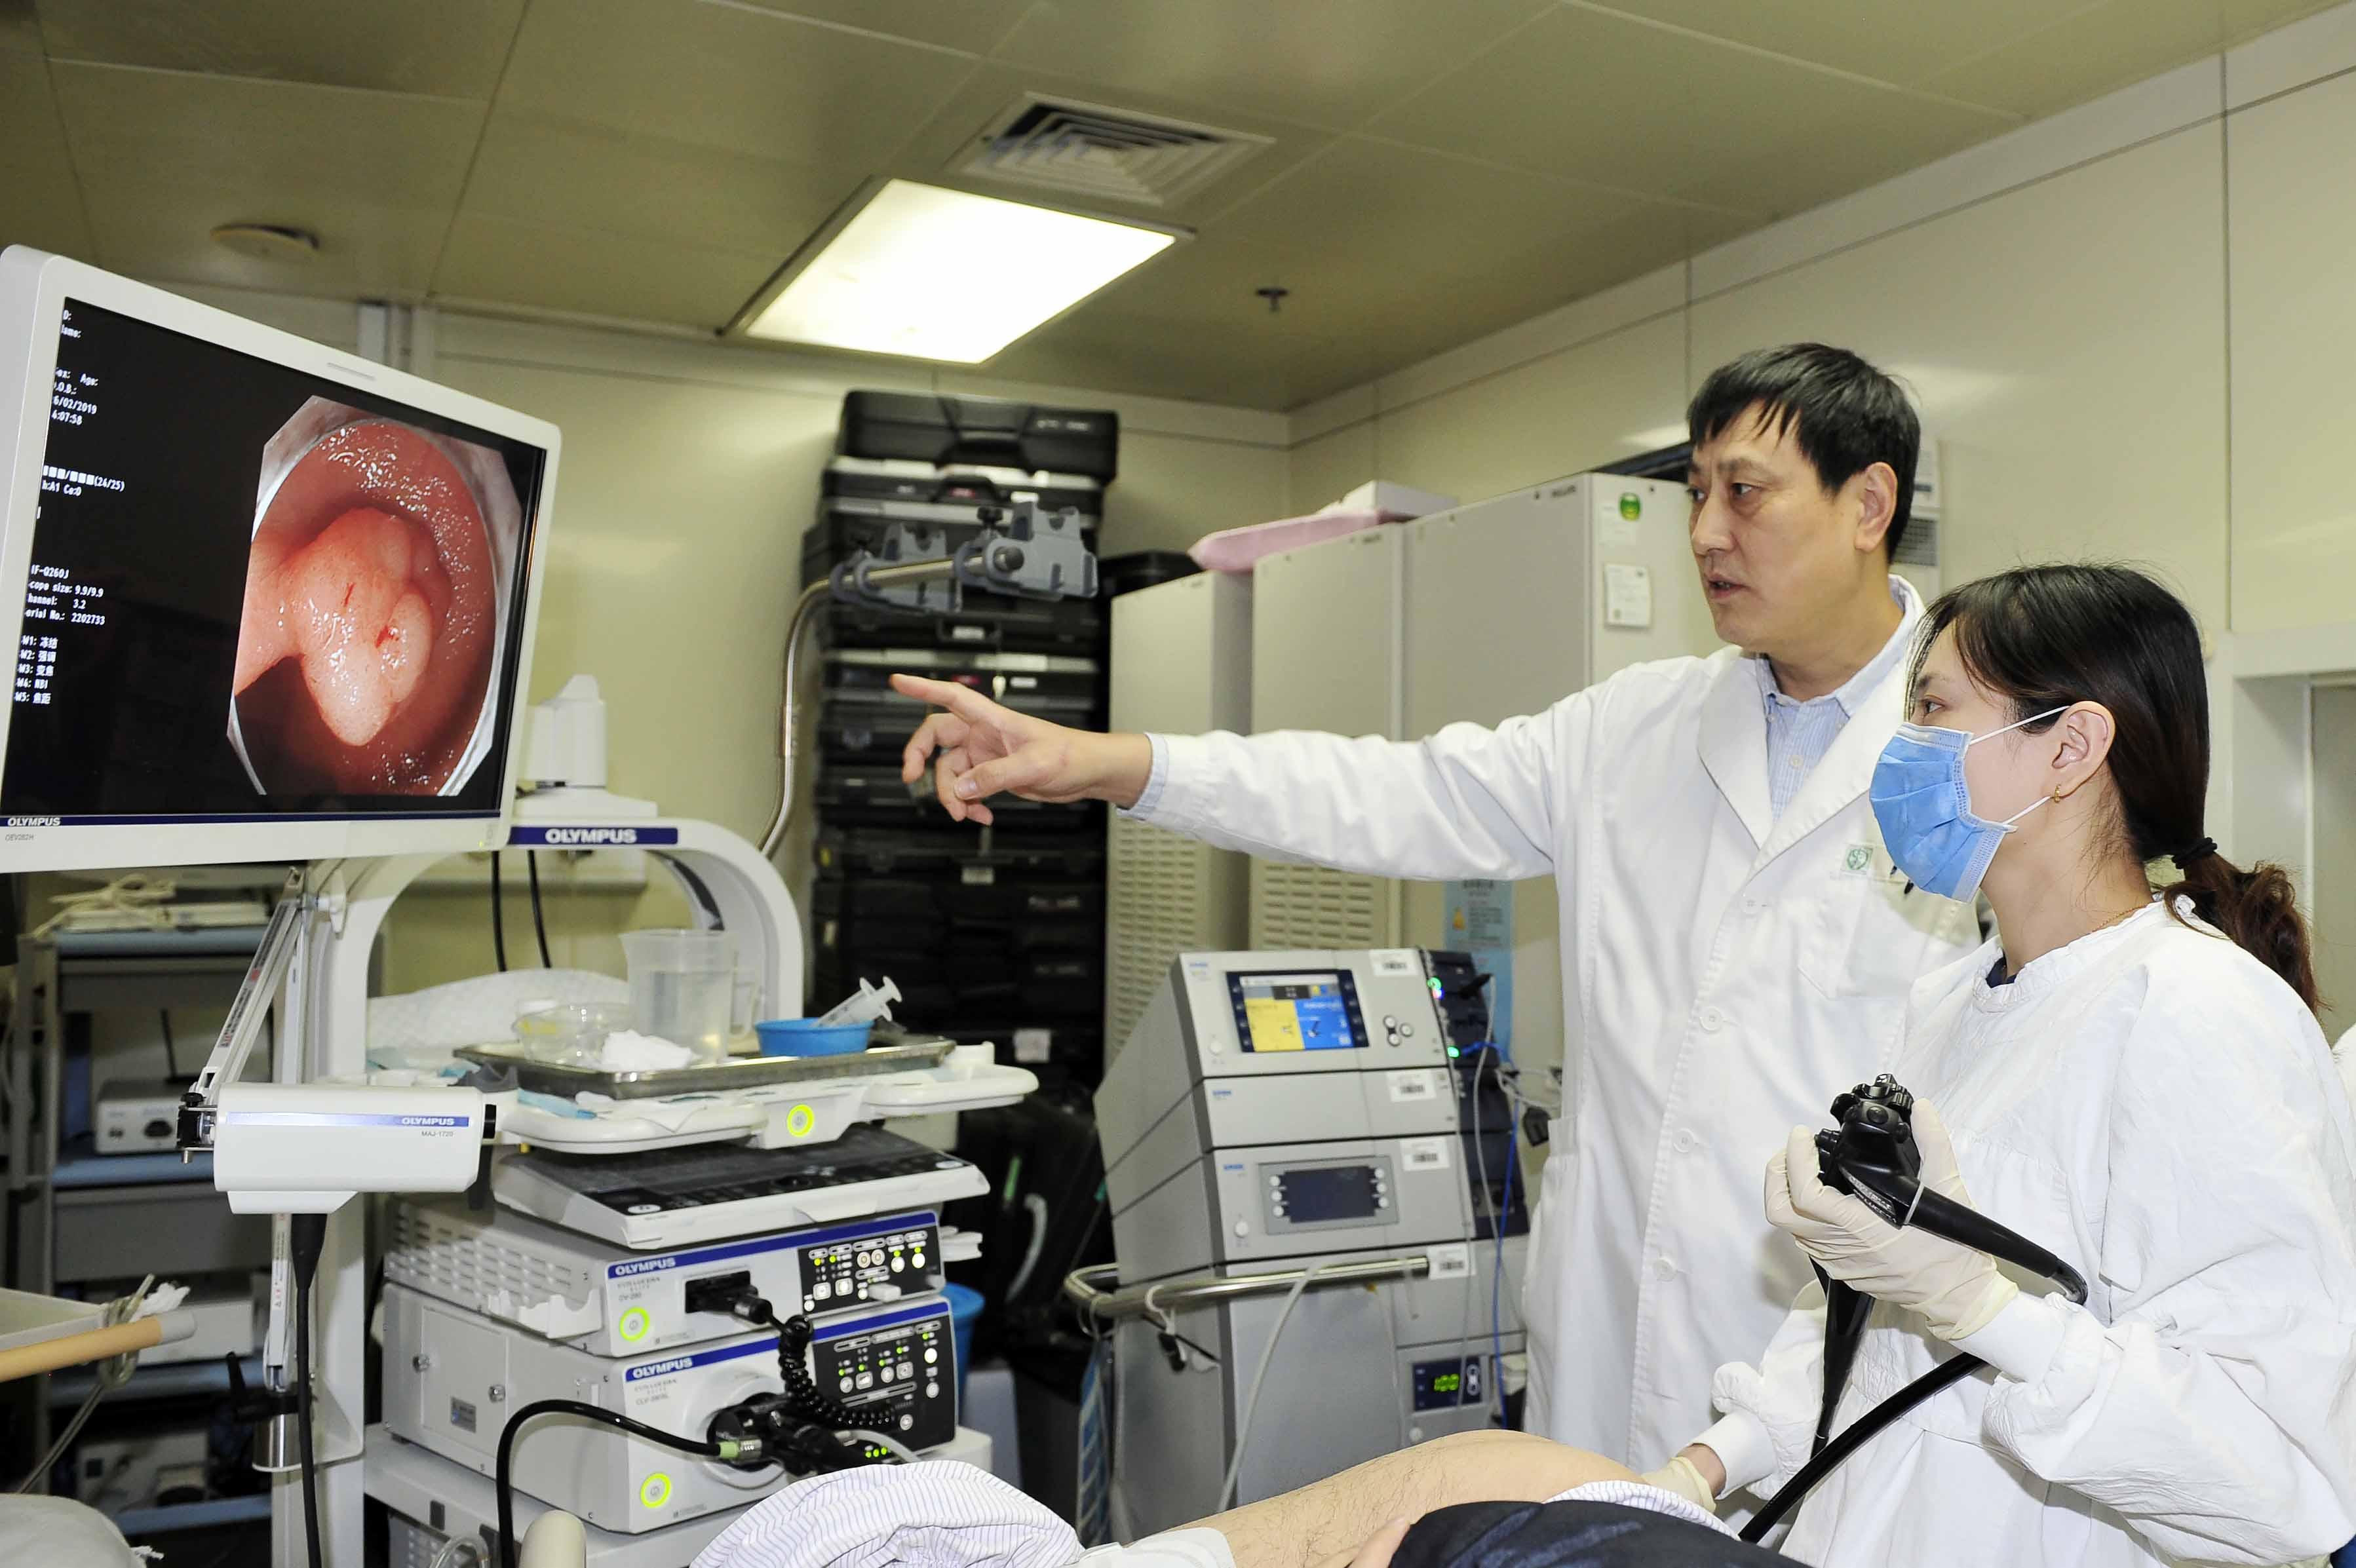 肠镜检查排队最久一年半!每年一亿国人需做肠镜